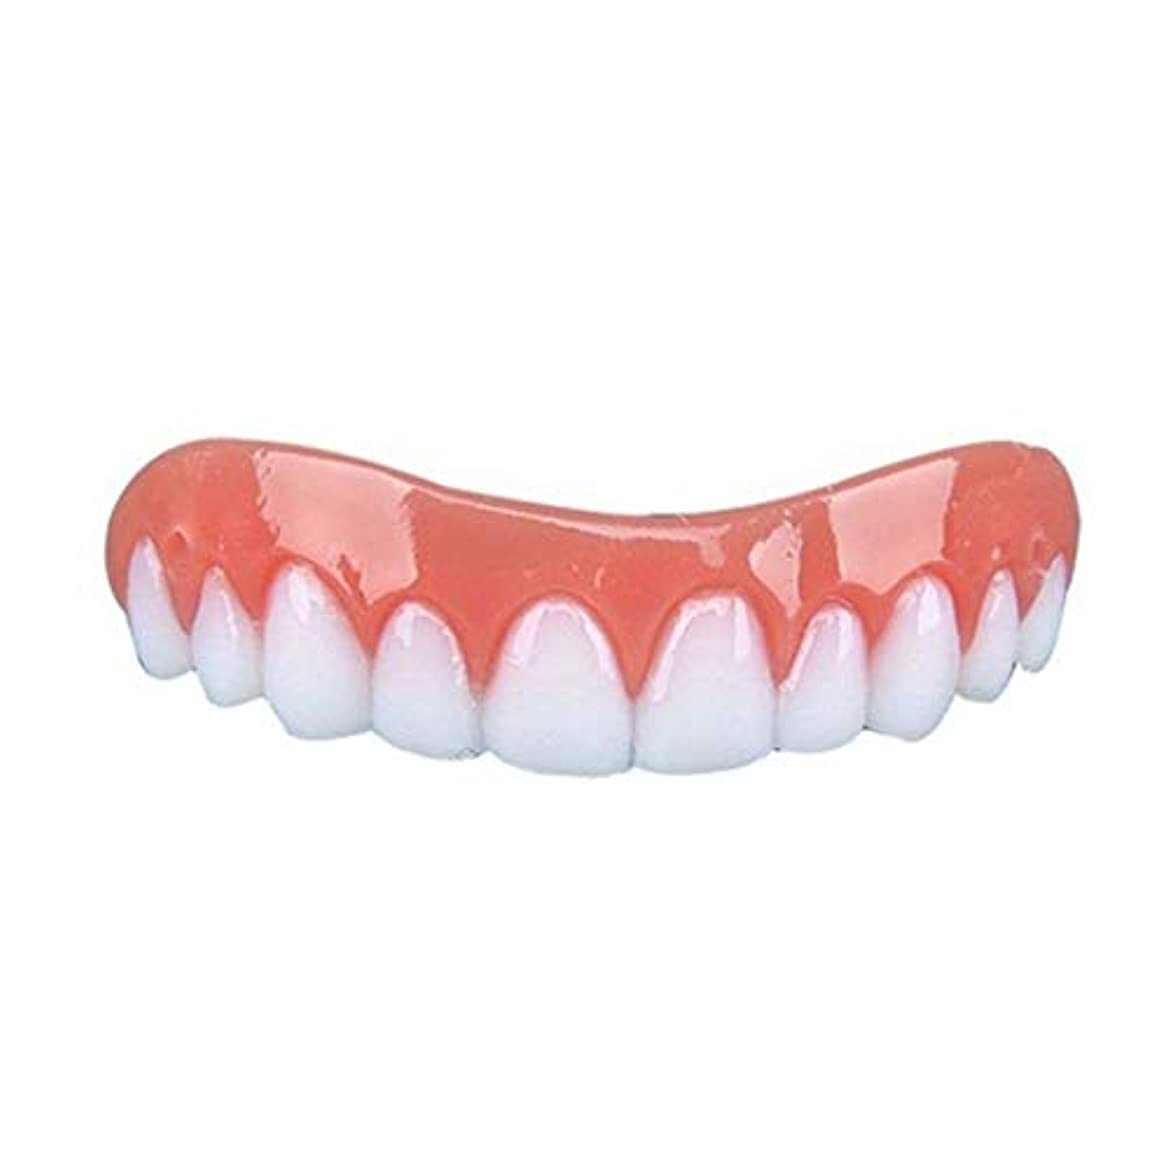 演じる要求する大いにBartram 歯カバー シリコン義歯ペースト 上歯 笑顔を保つ 歯保護 美容用 入れ歯 矯正義歯